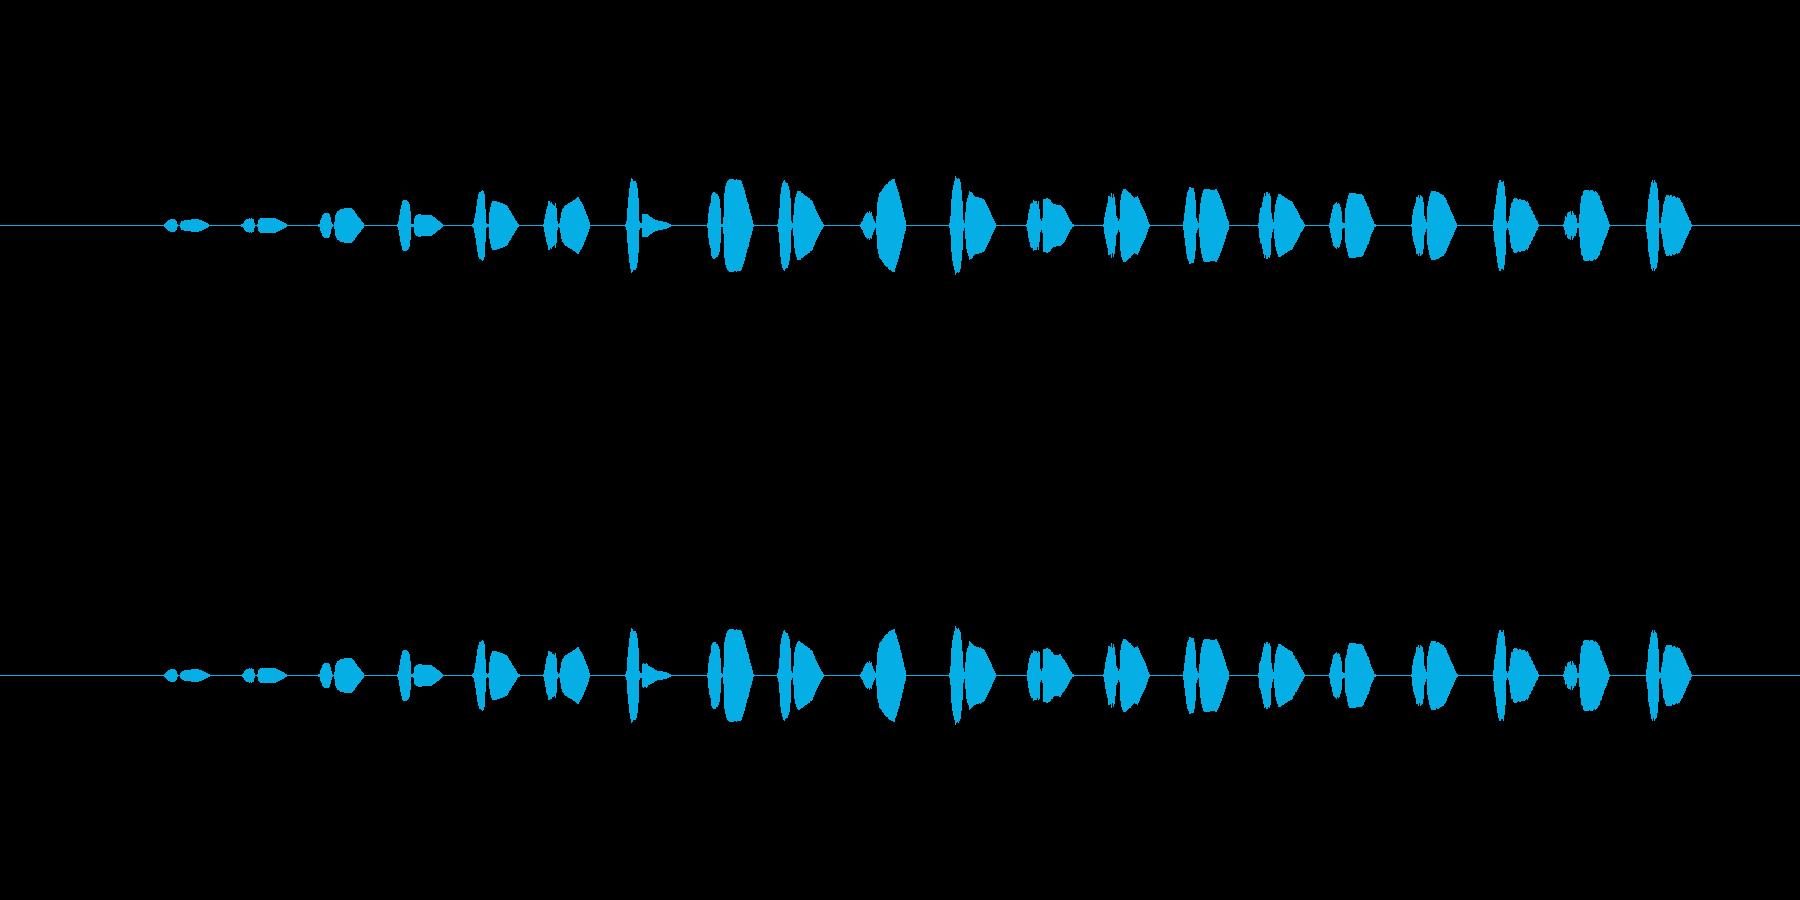 【ポップモーション24-8】の再生済みの波形